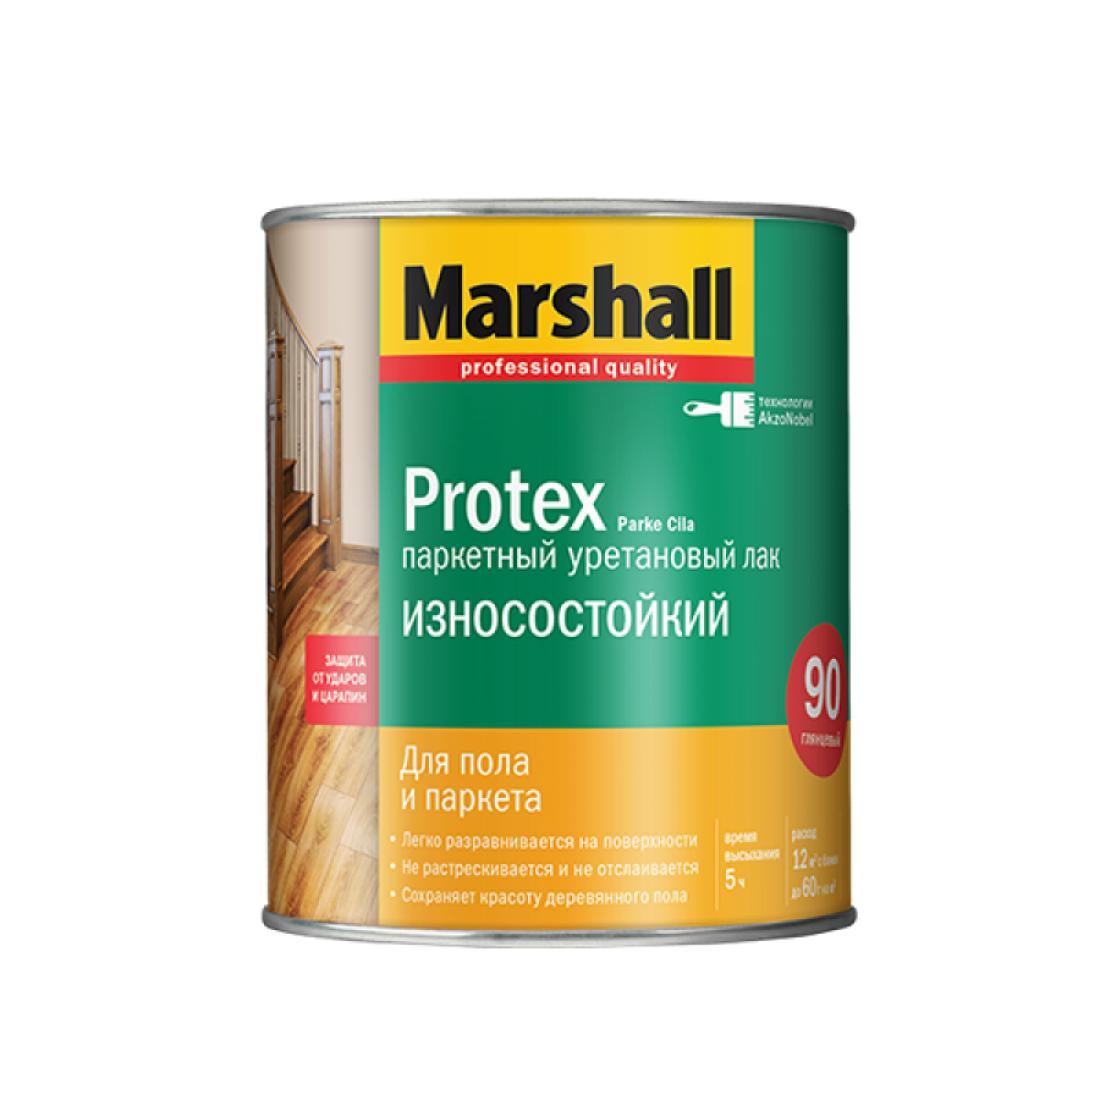 PROTEX PARKE лак алкид уретановый, полуматовый (0,75л)